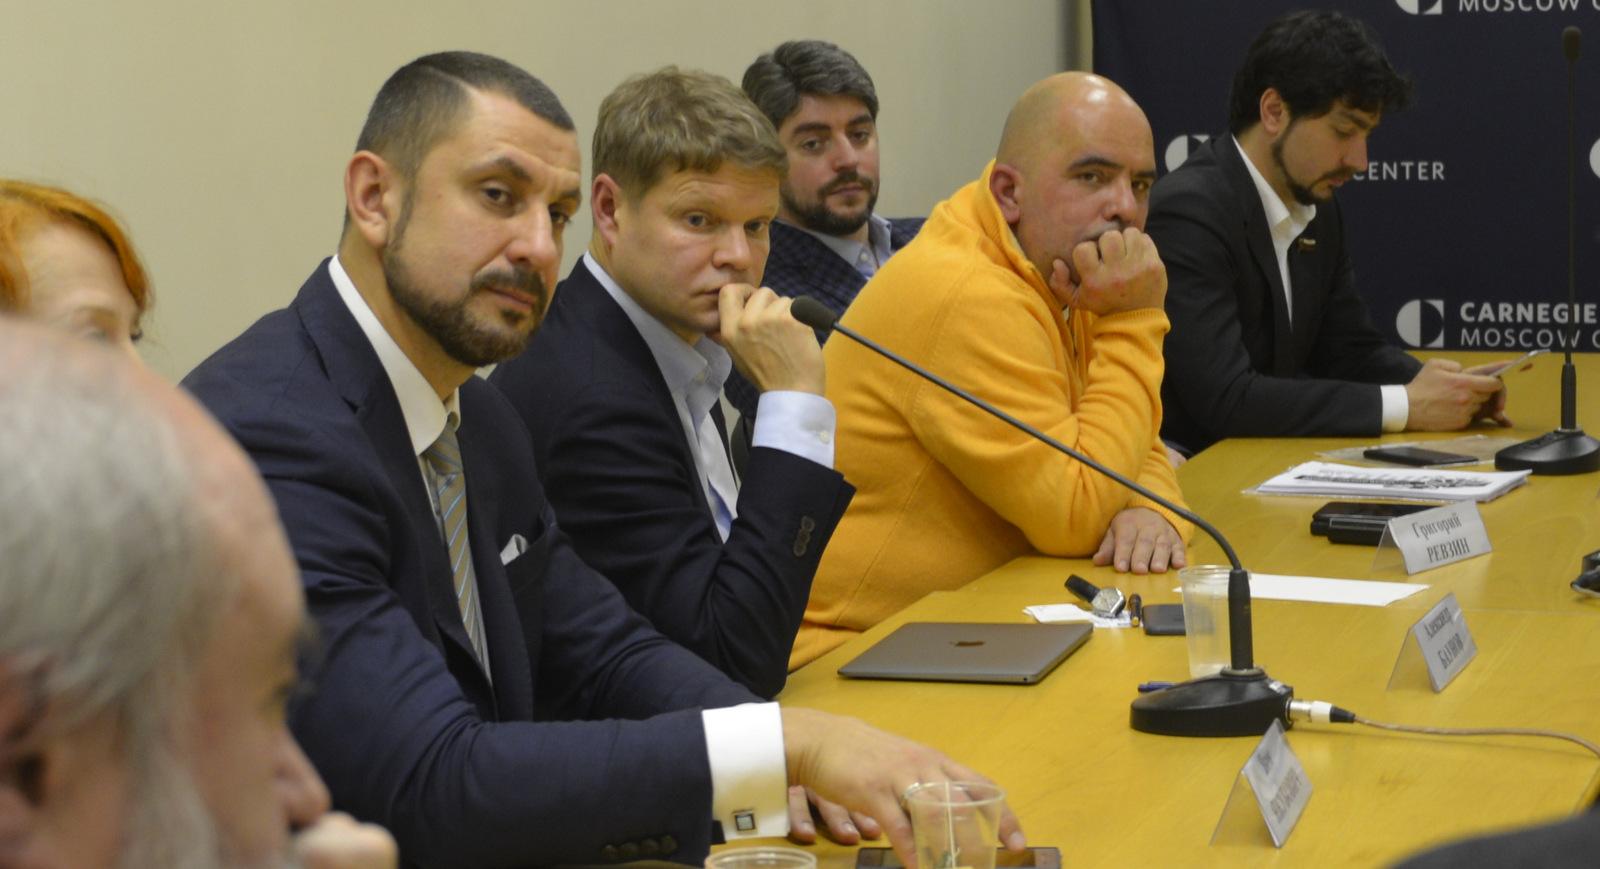 Муниципальная политика в Москве: пробуждение демократических институтов